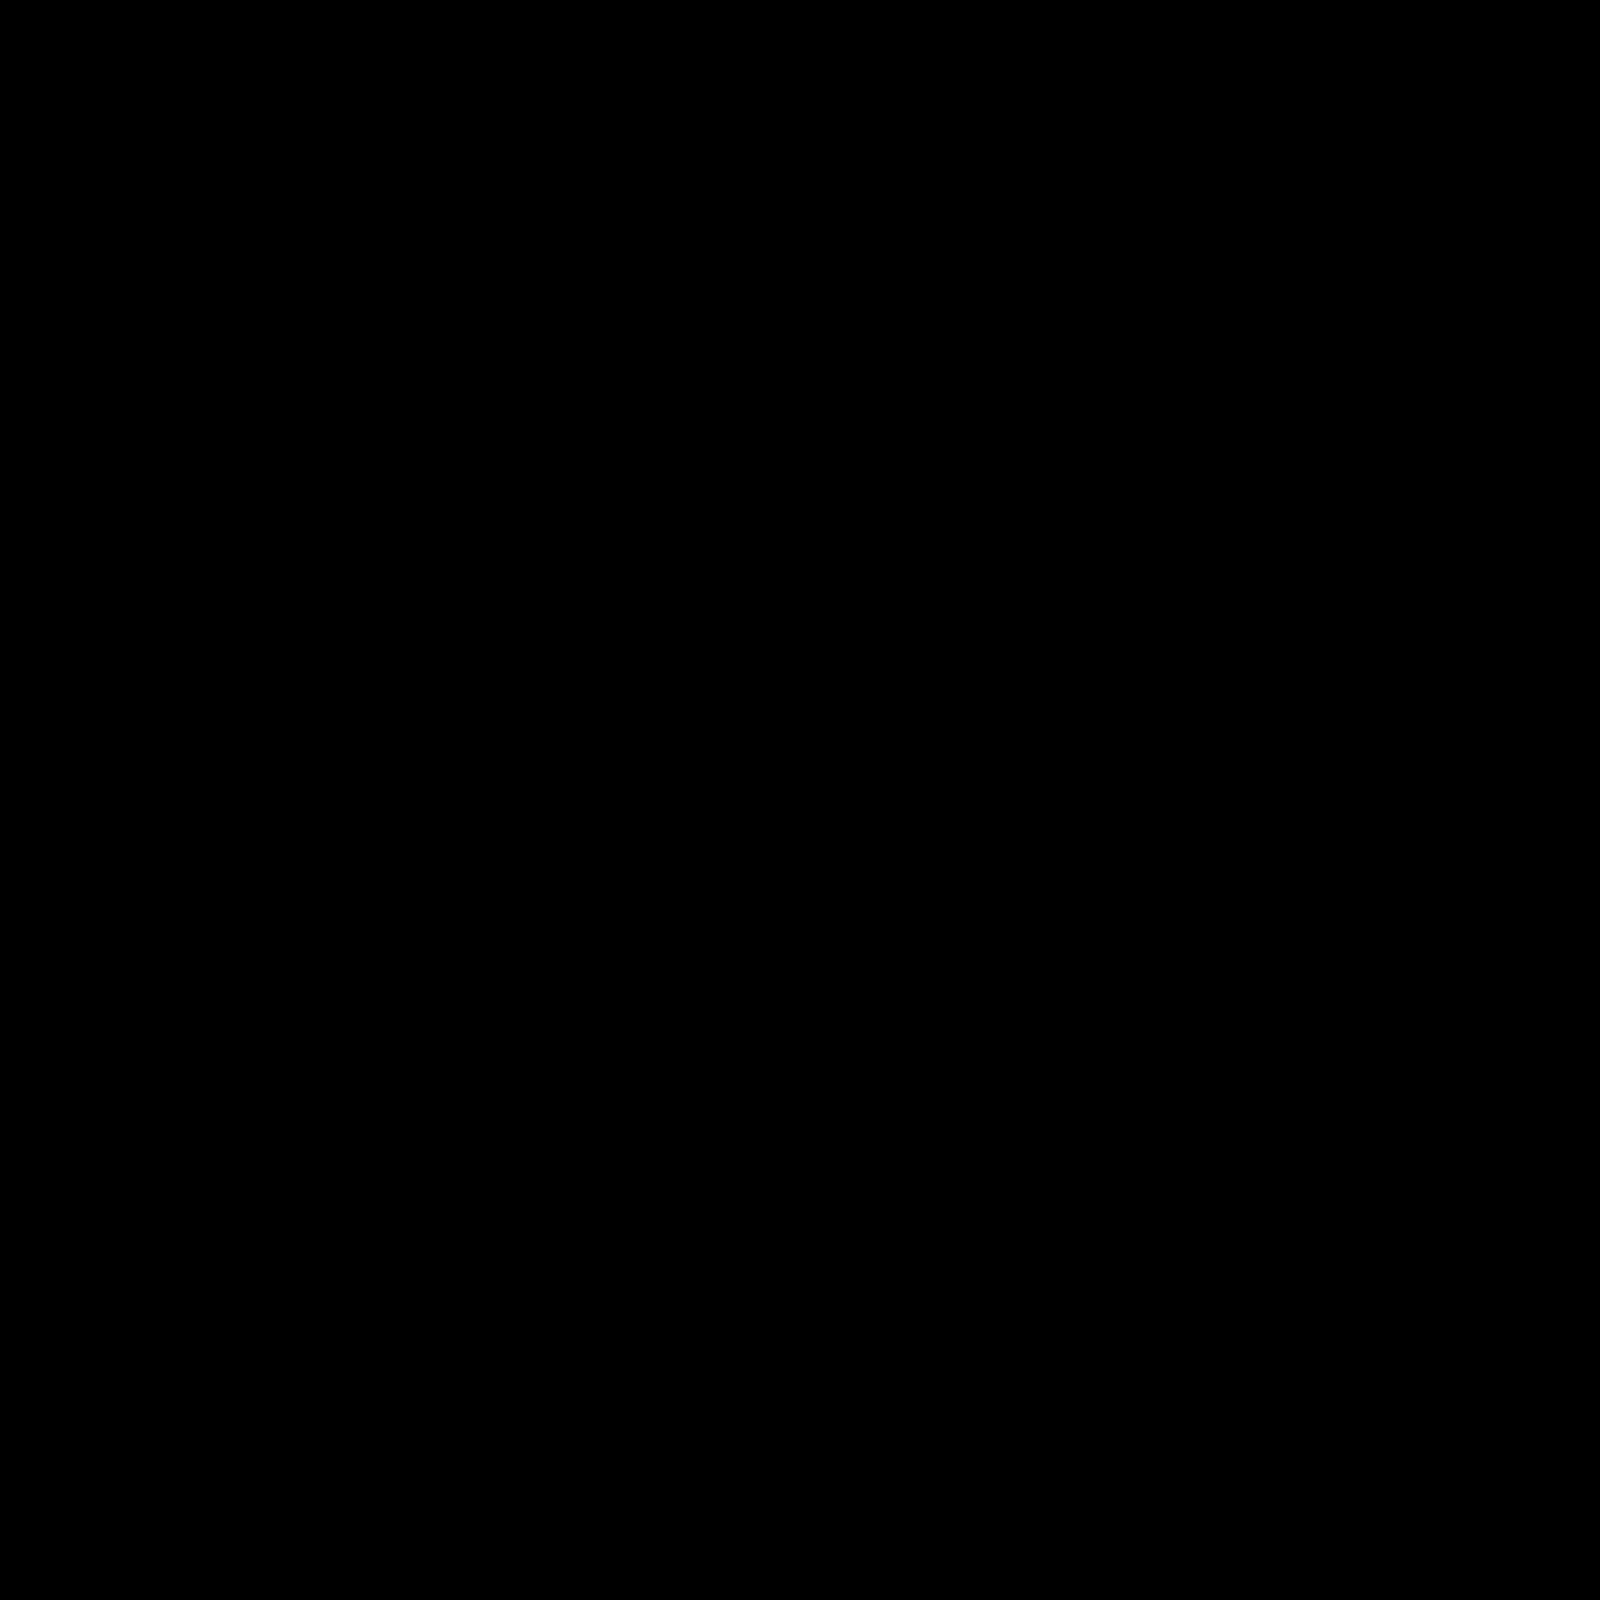 Tablica wyników icon